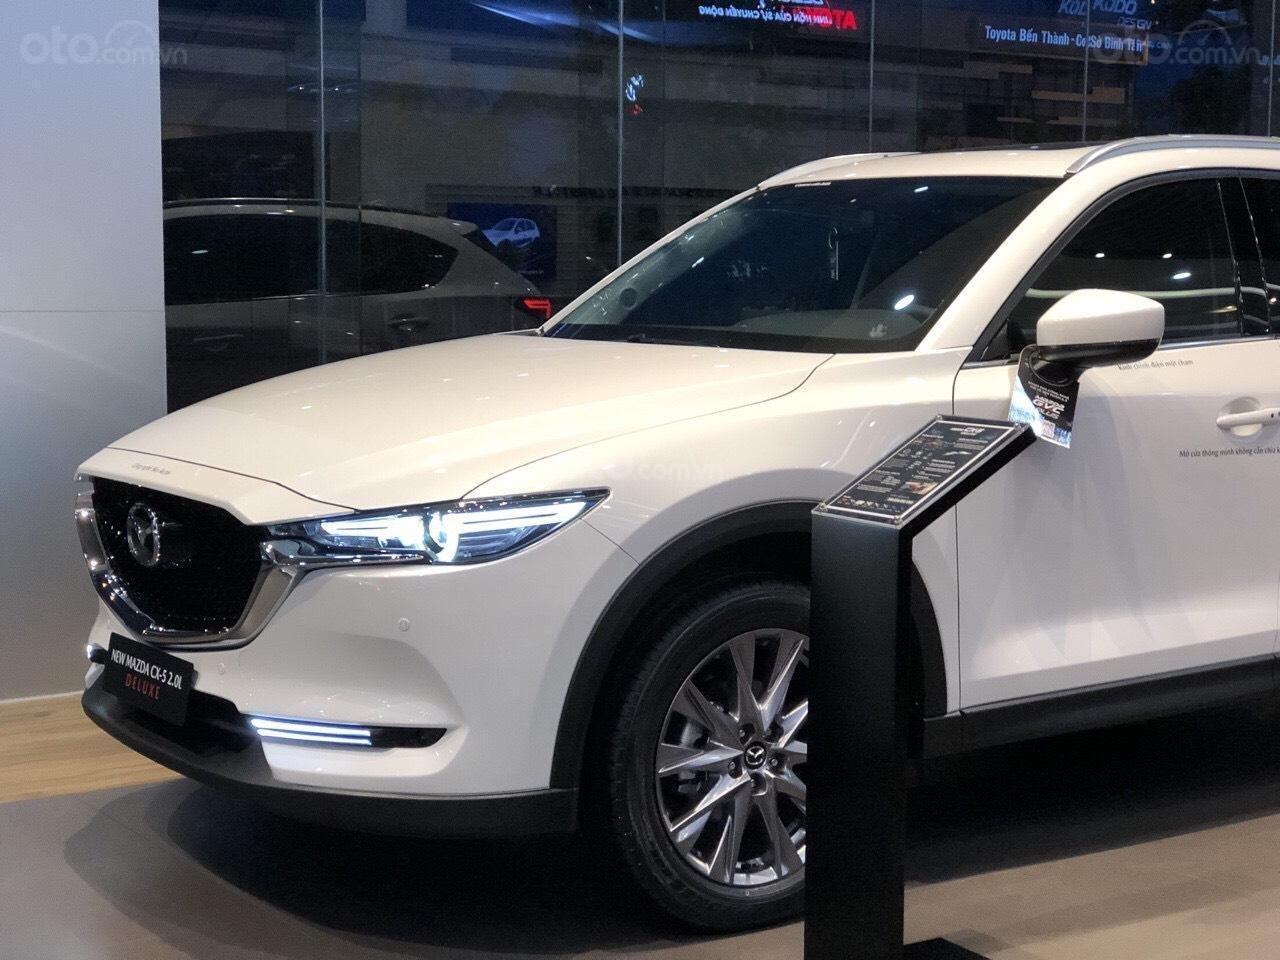 [Cực hot]: Ưu đãi new Mazda CX-5 từ 80tr + quà tặng - giao xe ngay - hỗ trợ trả góp cực ngầu (3)